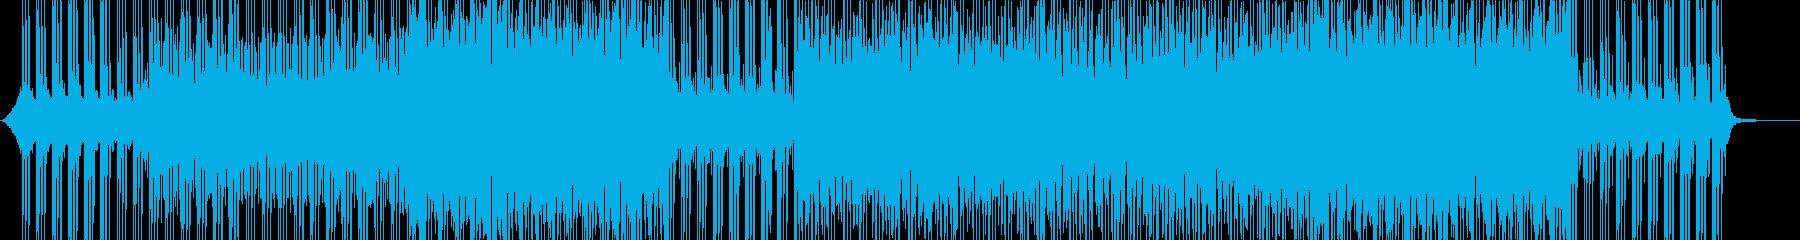 動画-エレクトロ-デジタル-テクノロジーの再生済みの波形